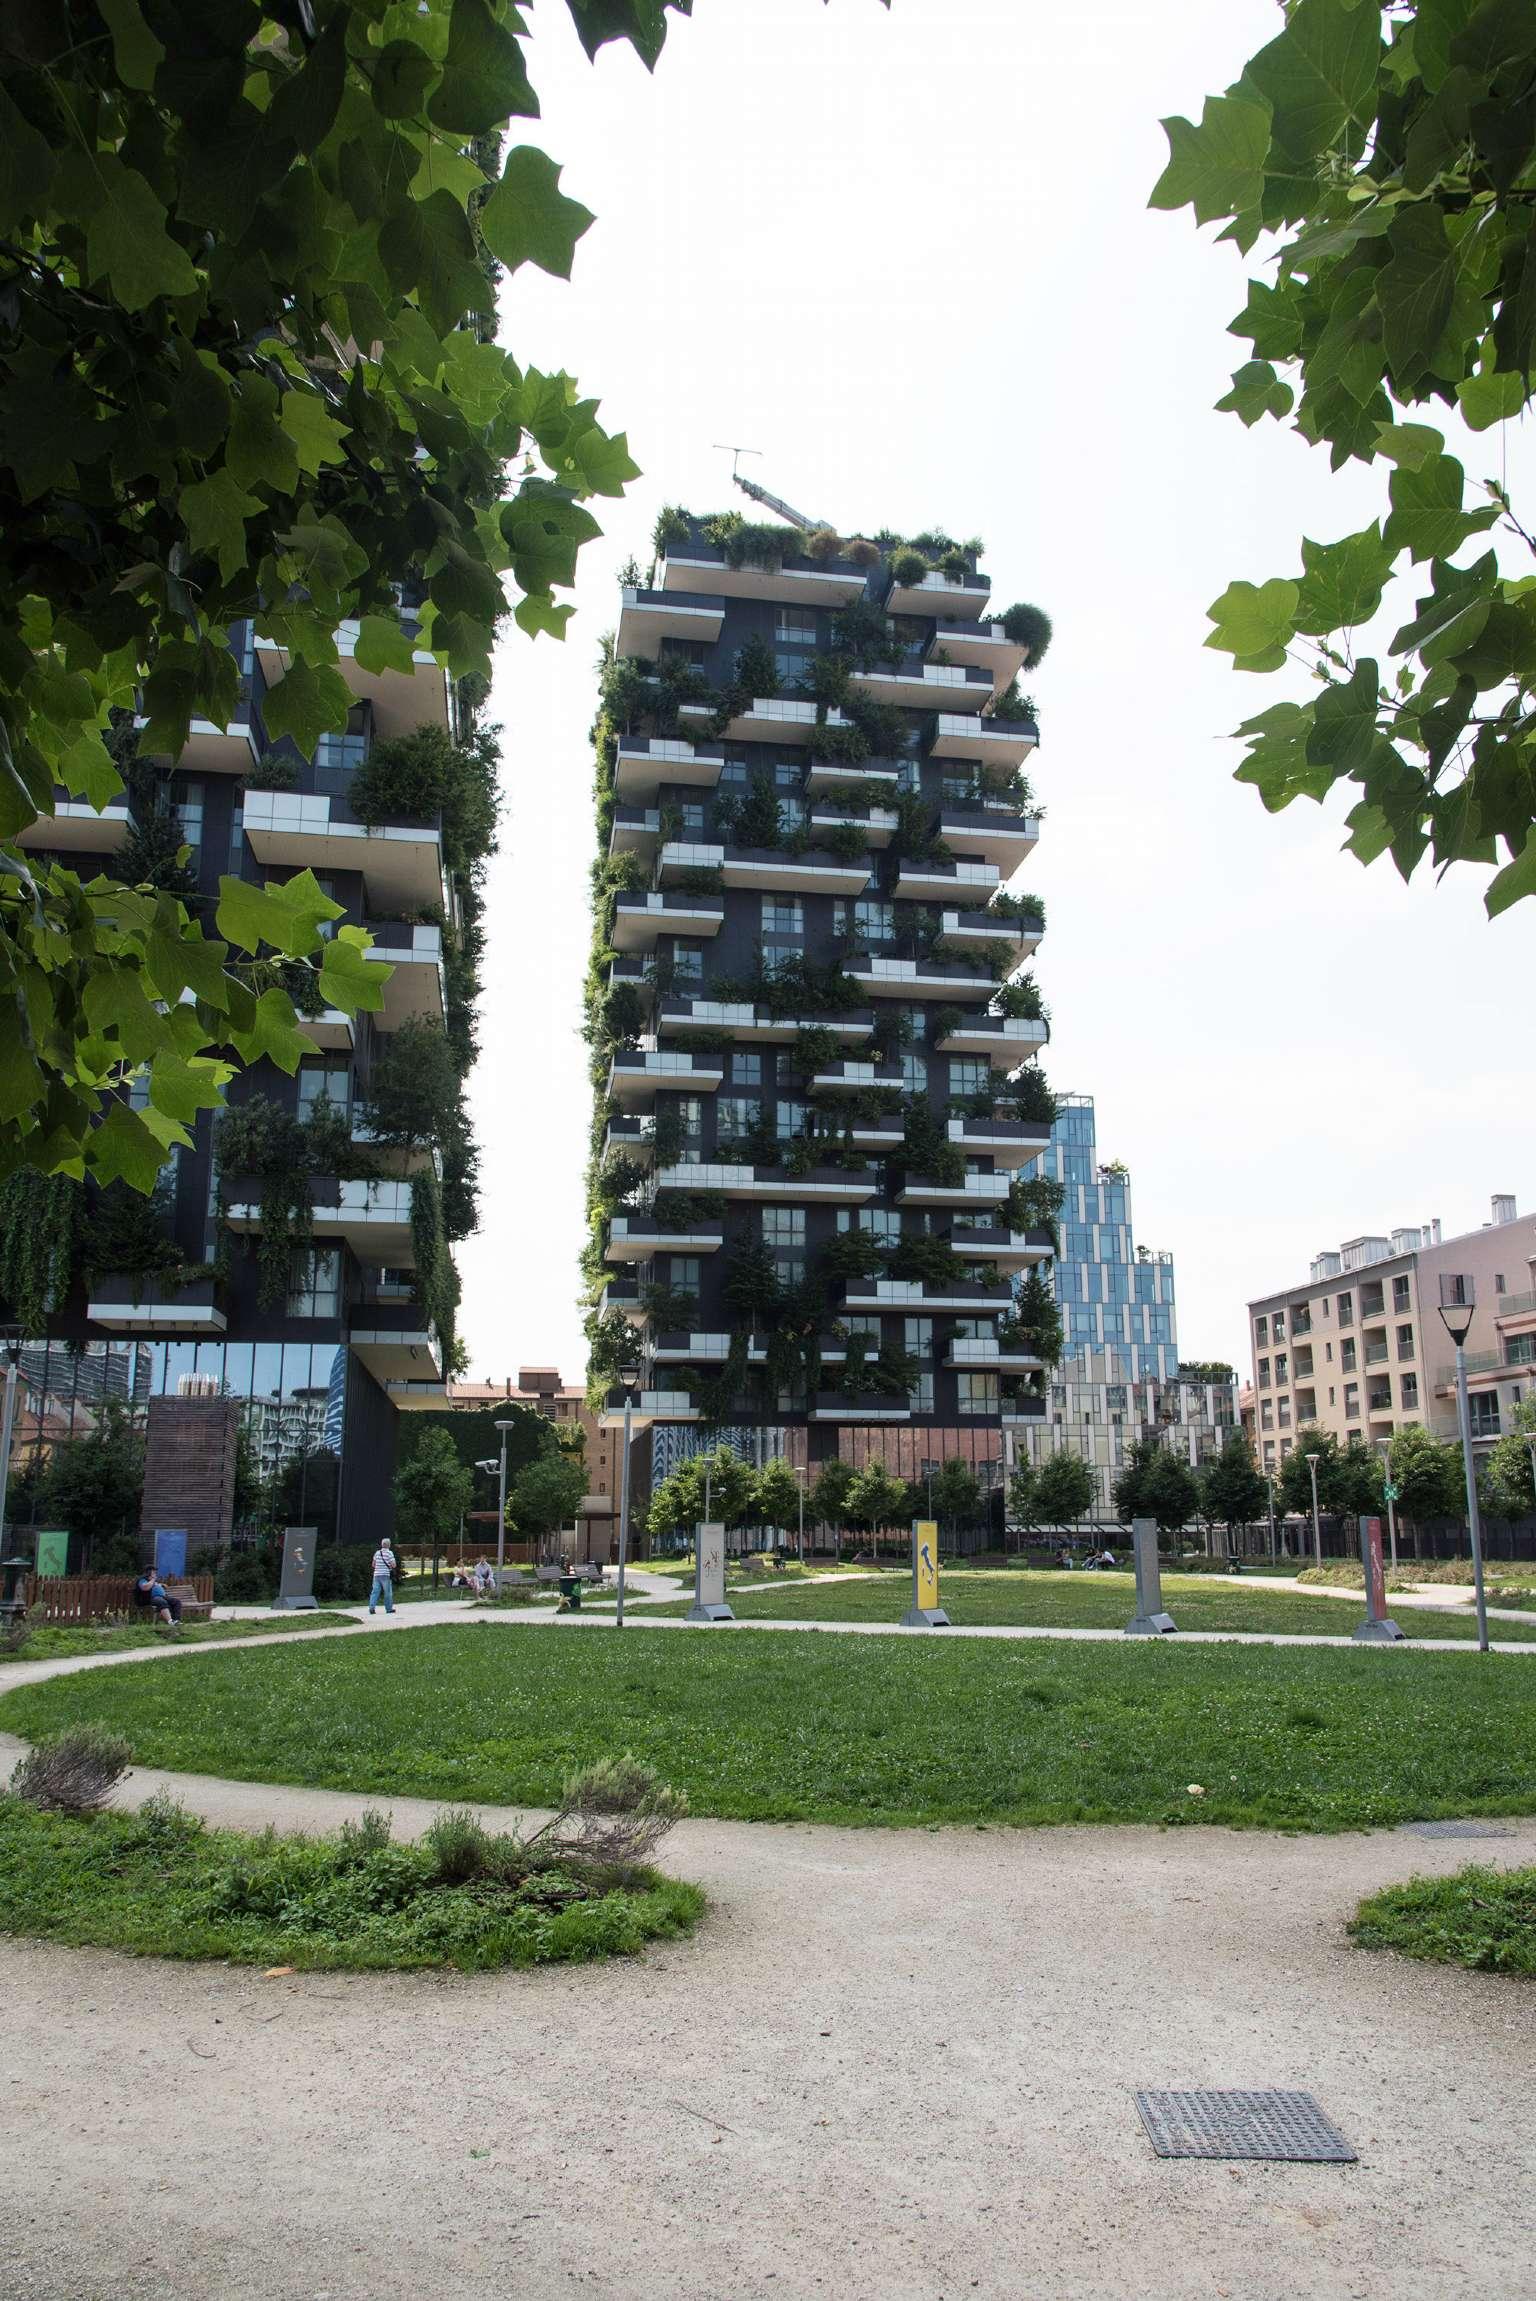 Appartamento in affitto a Milano, 4 locali, zona Zona: 1 . Centro Storico, Duomo, Brera, Cadorna, Cattolica, prezzo € 6.500 | Cambio Casa.it